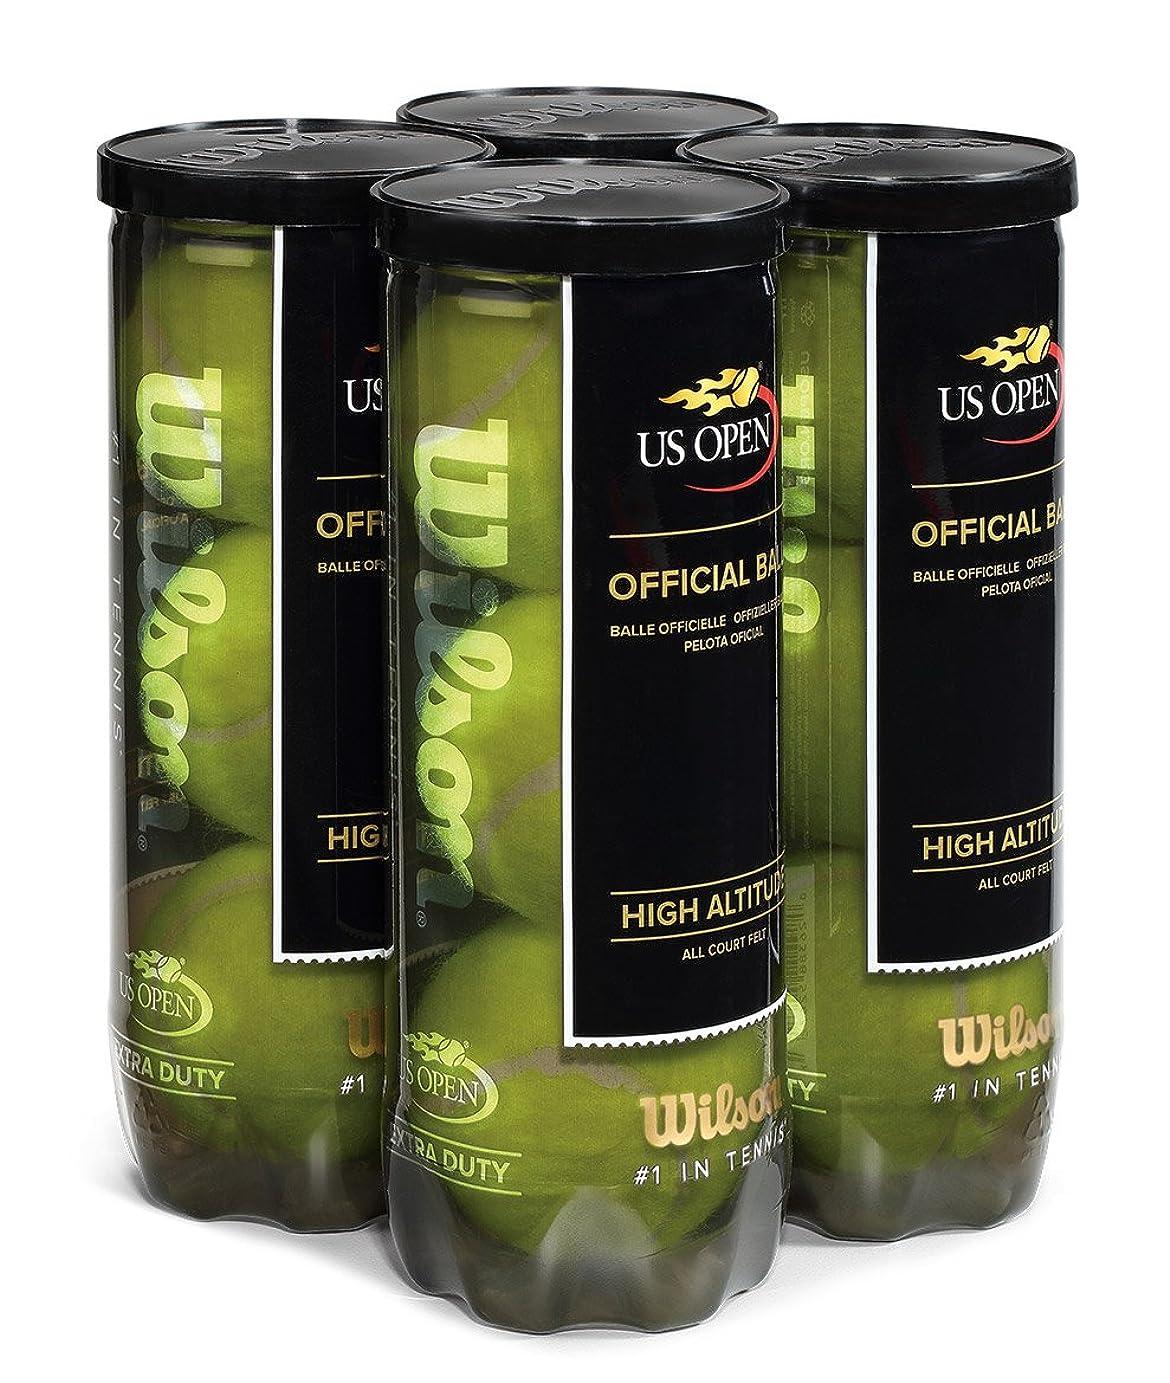 ブルーム略語粒子Wilson US Open高地テニスボール4パック、イエロー